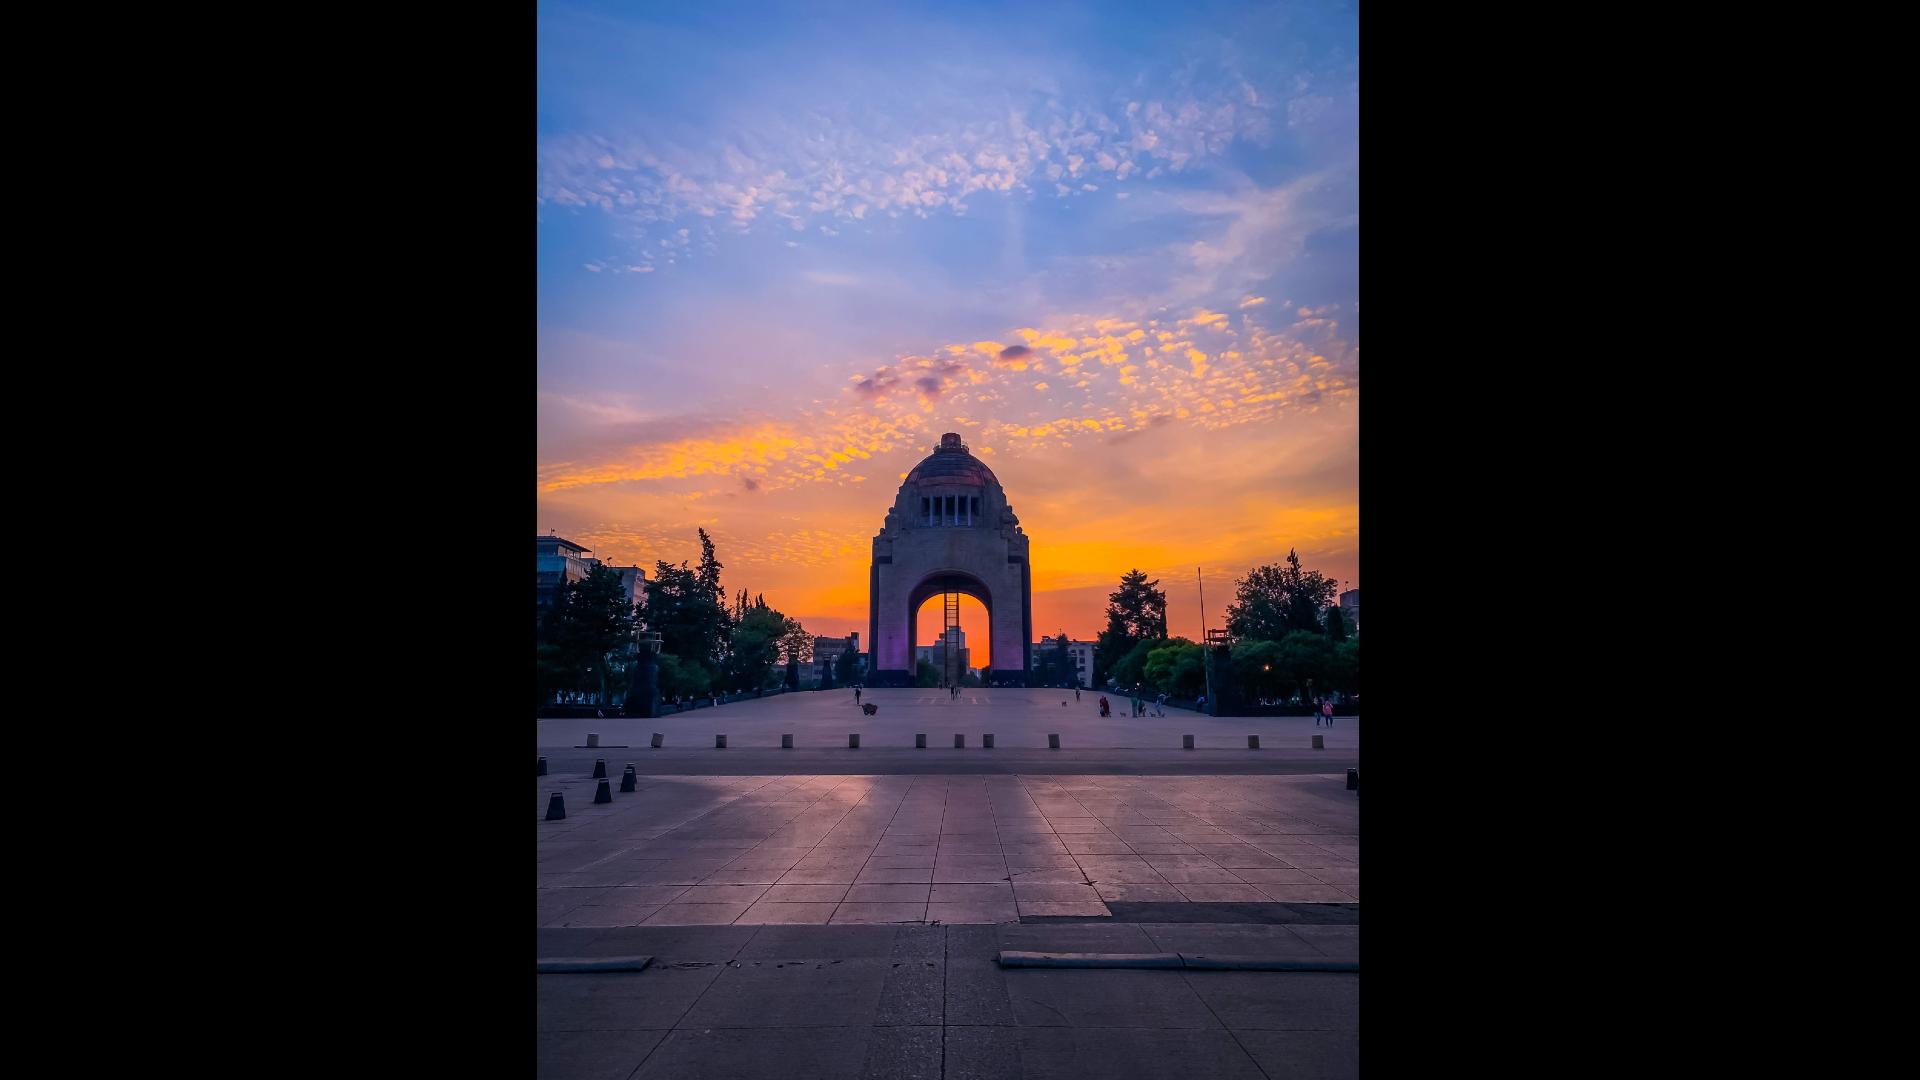 Monumento a la Revolución durante al atardecer y sin gente